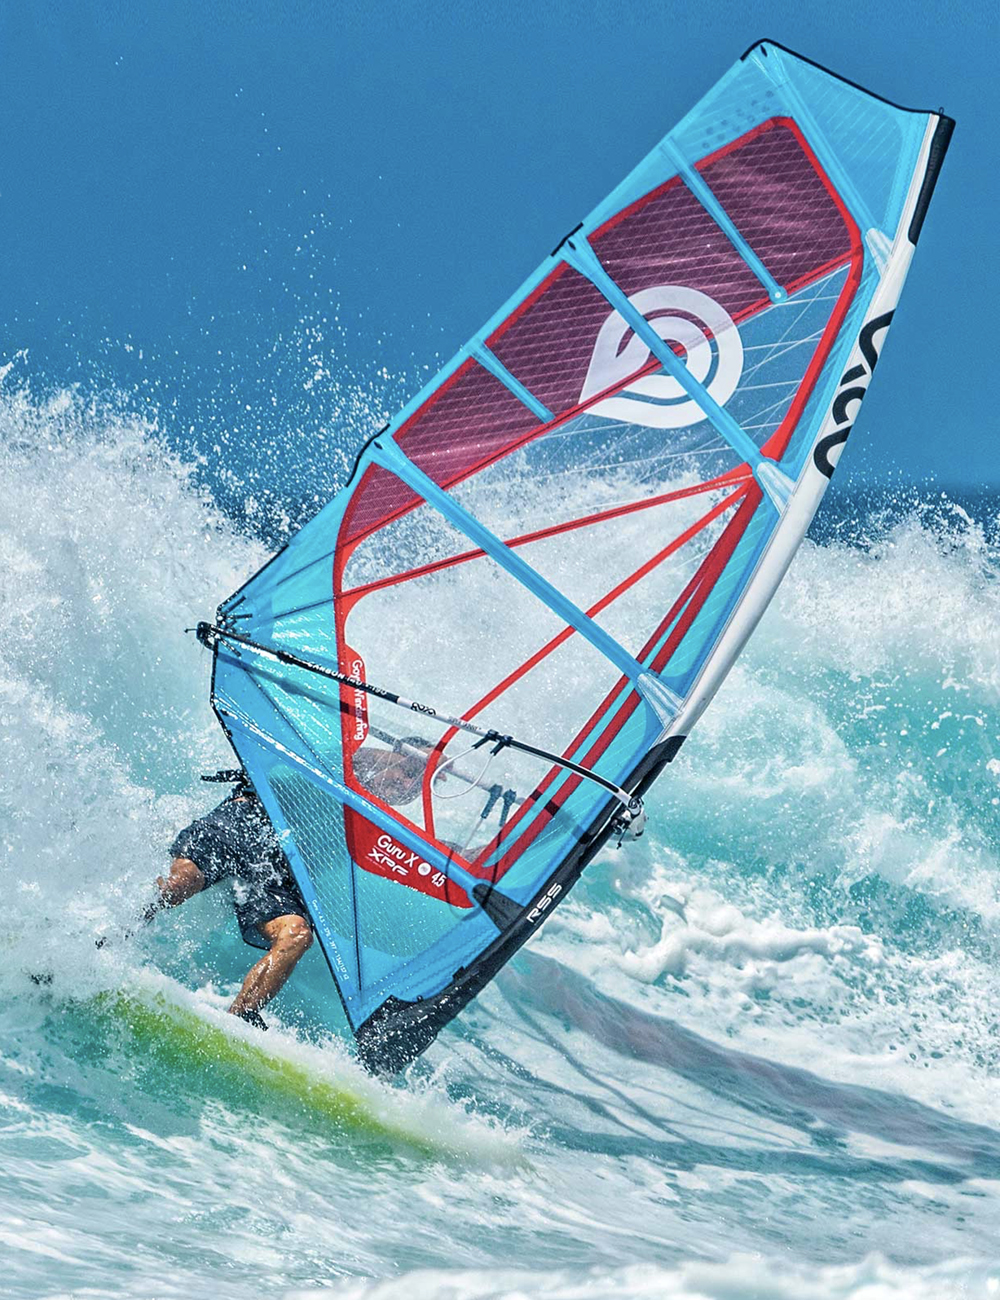 2019-goya-windsurfing-guru-x-pro-005 - 2XS